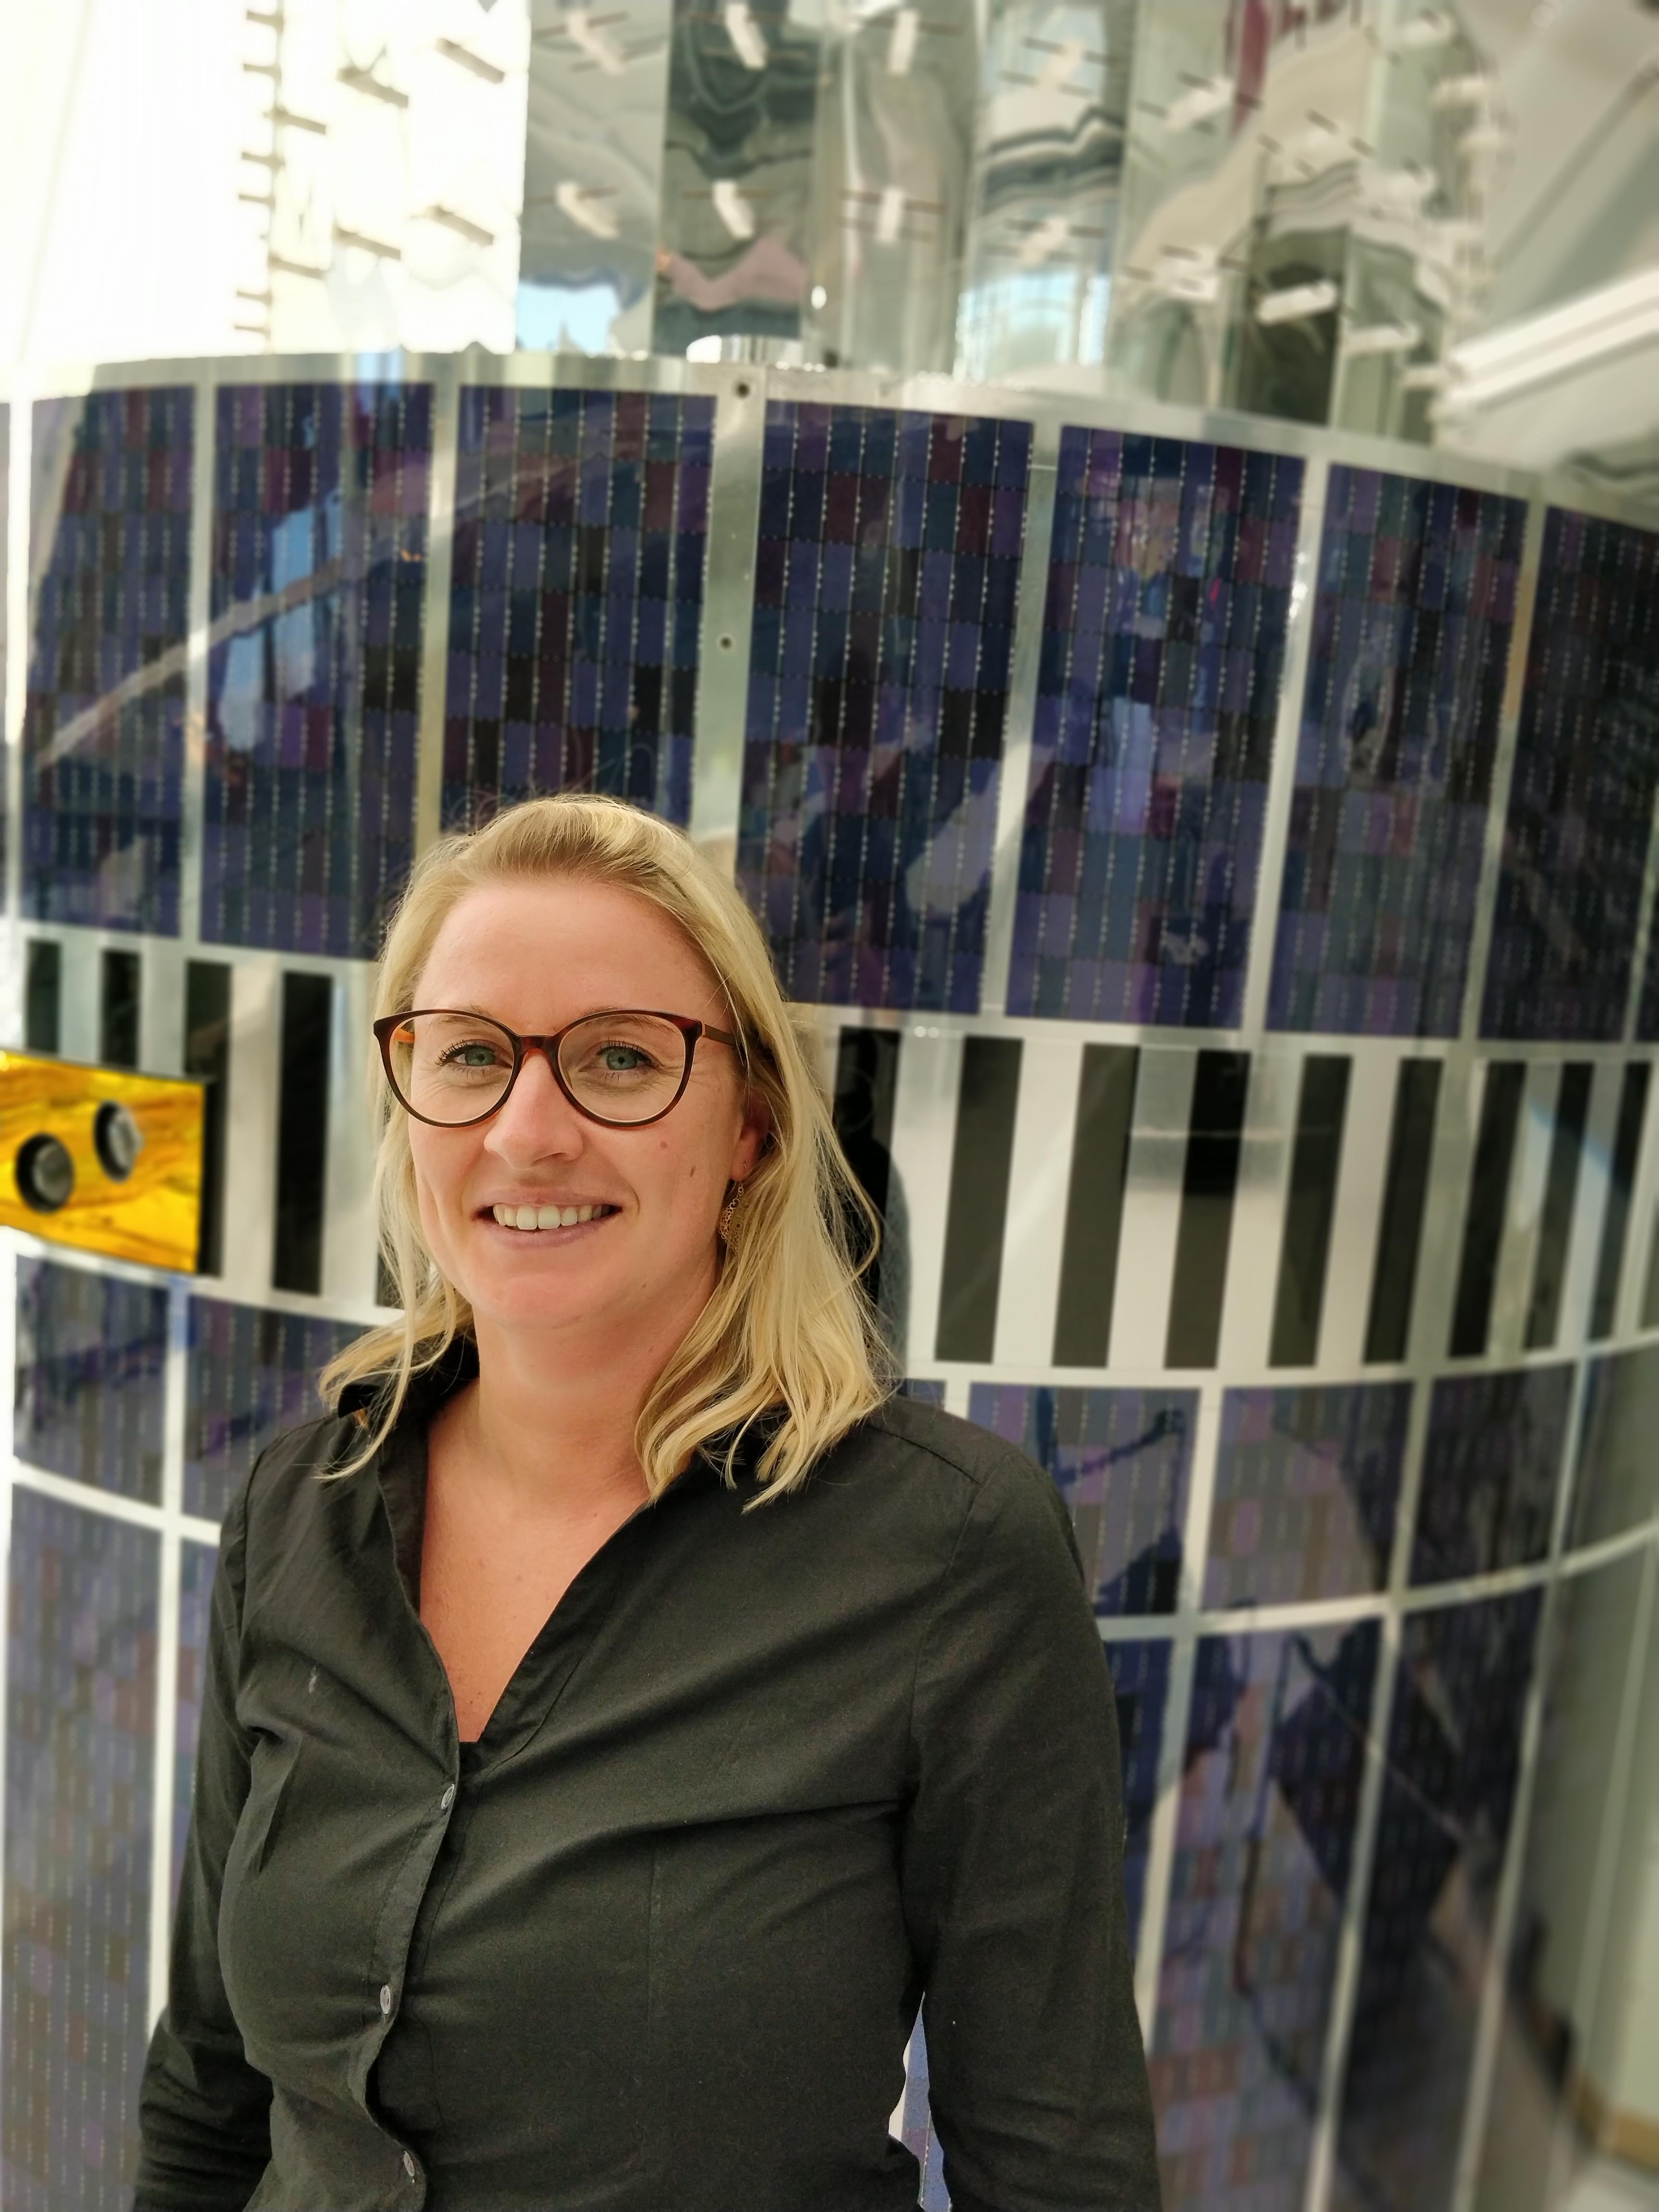 Rianne van der Poel